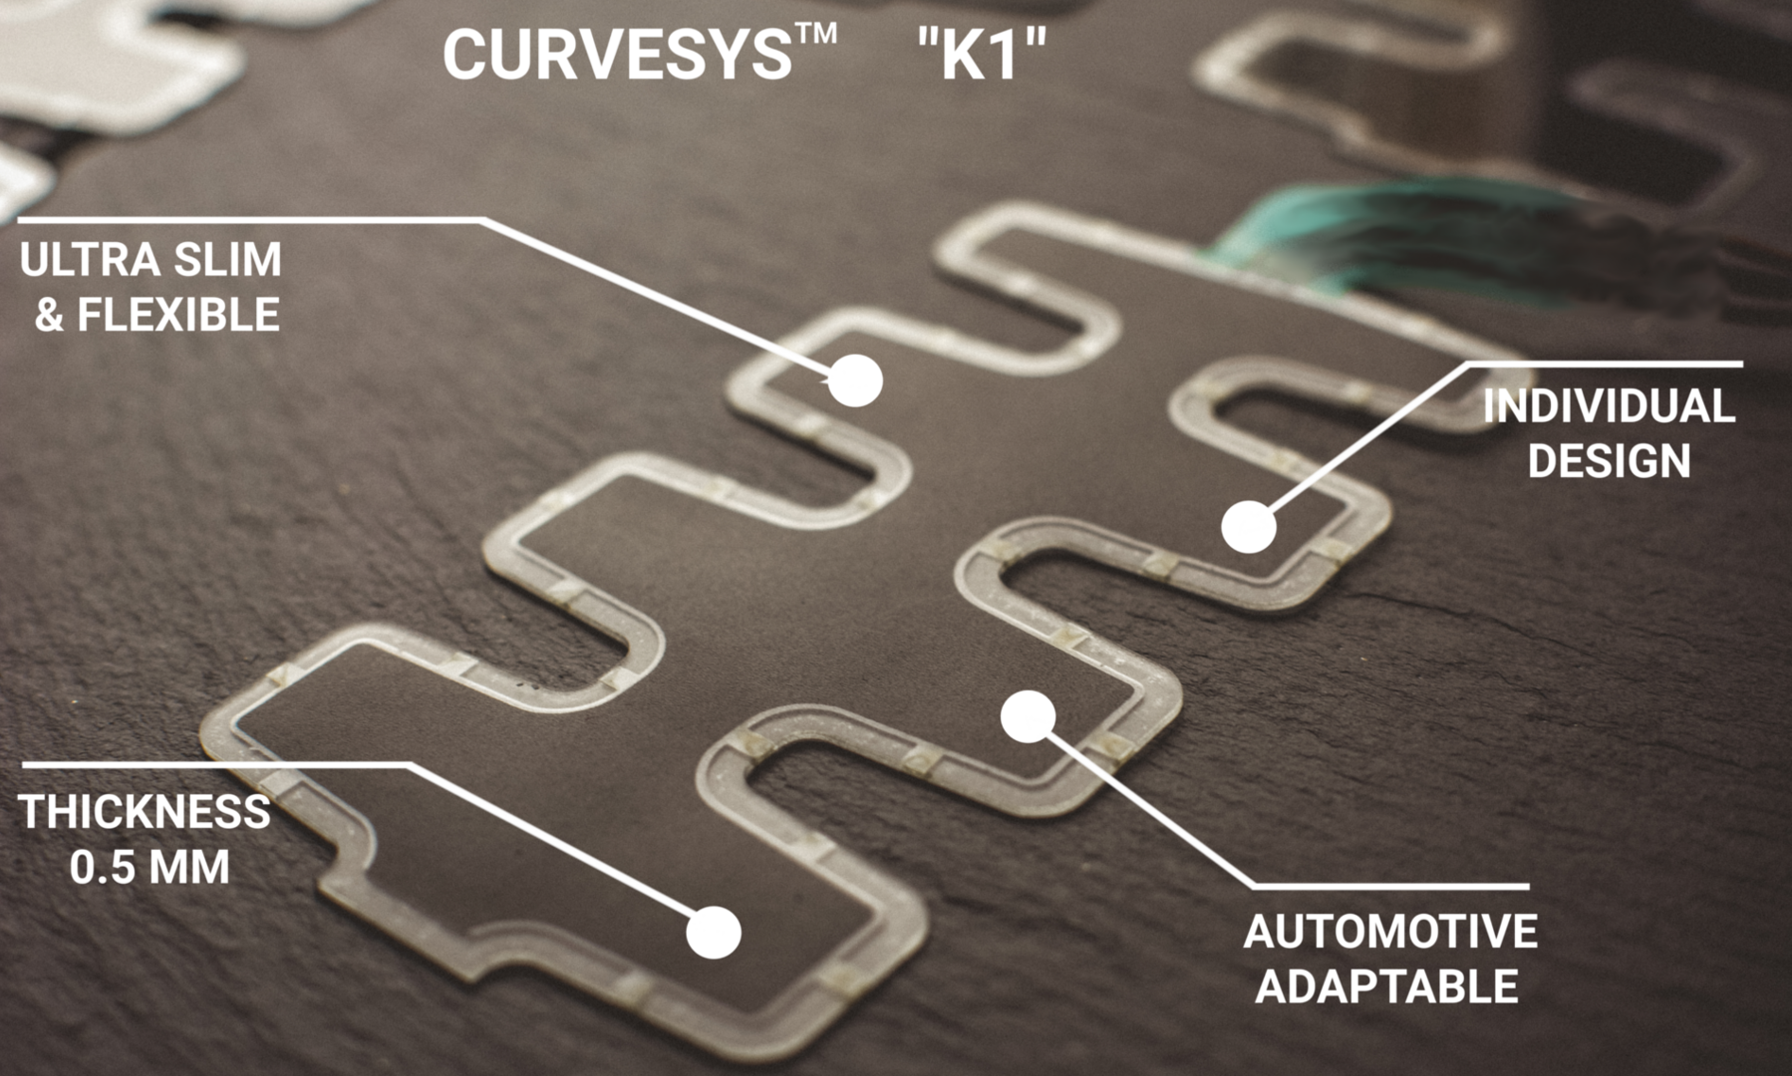 CURVESYSK1